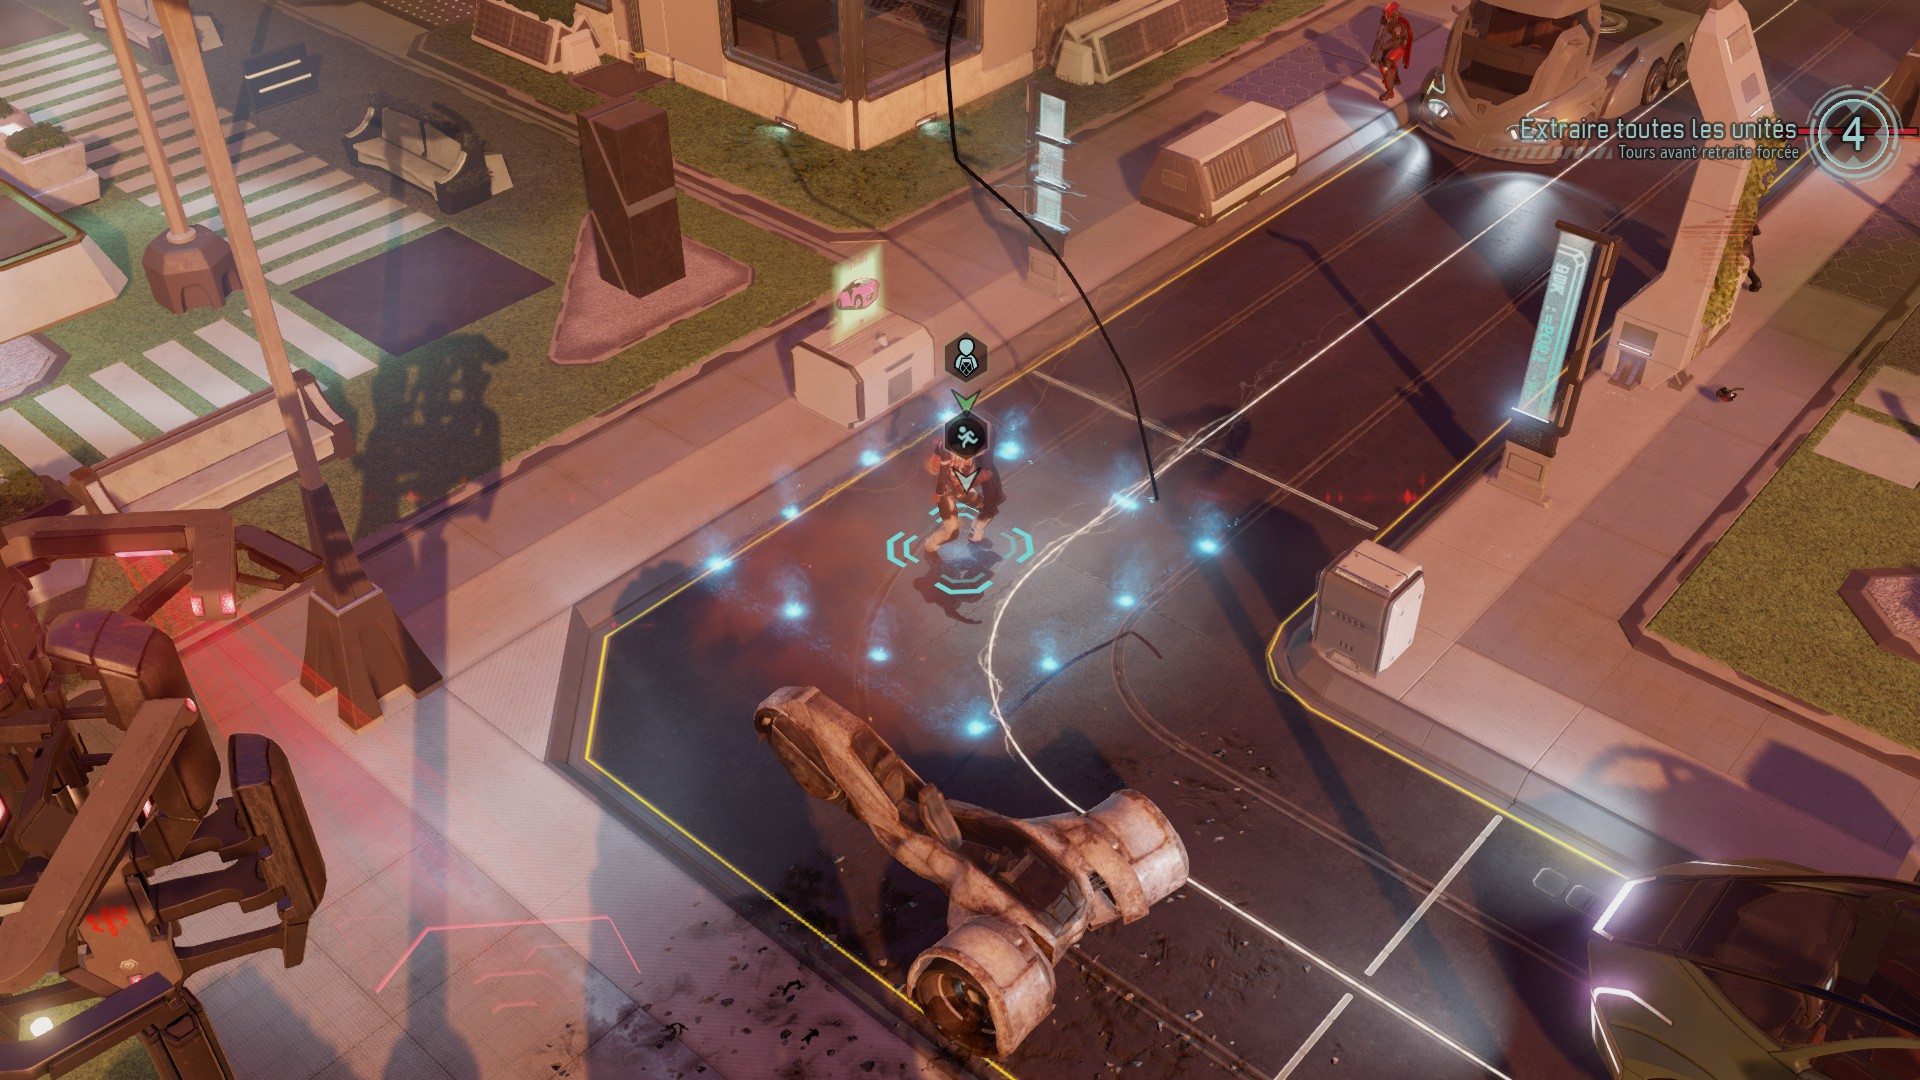 Una scena tratta da XCOM 2 per Mac